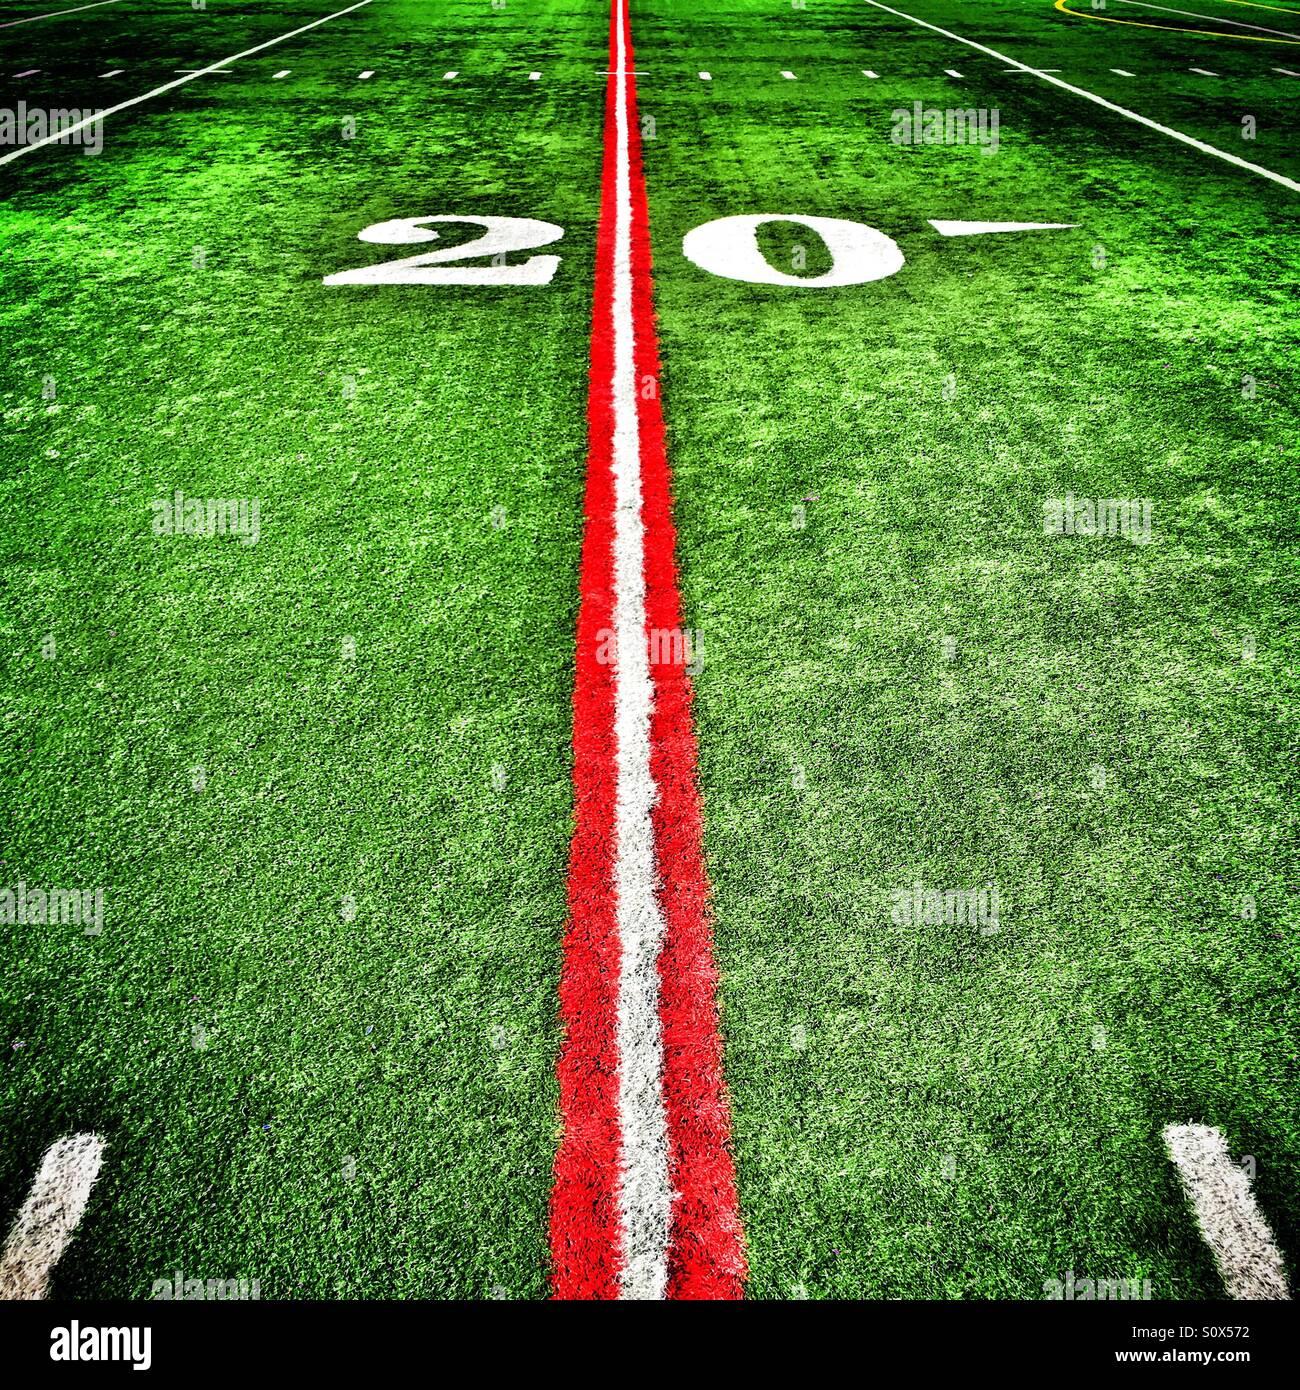 Vingt cour ligne peinte en rouge sur un terrain de football américain Banque D'Images